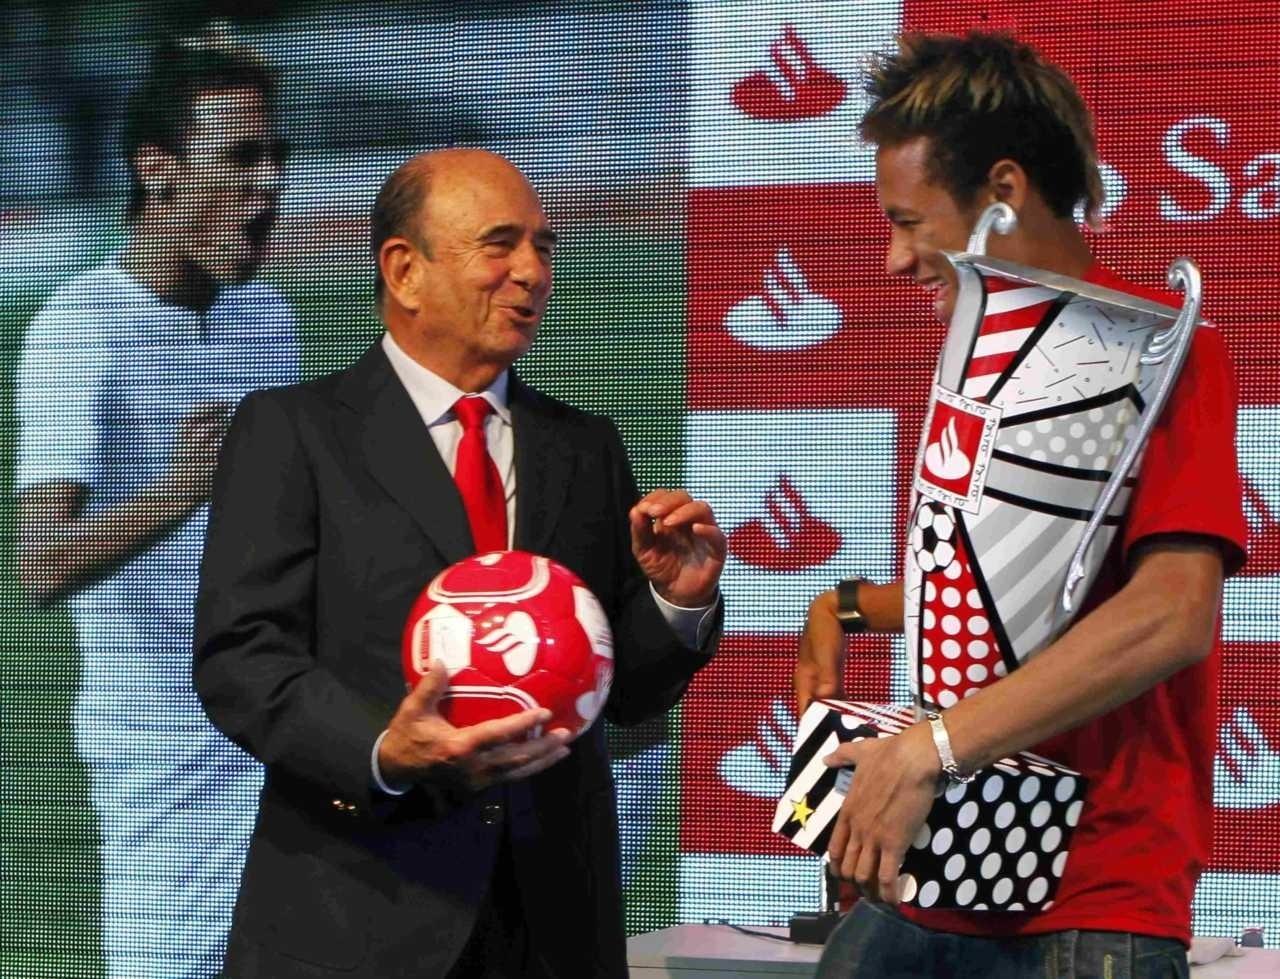 Neymar, então atacante do Santos, recebe o prêmio de melhor jogador da Libertadores de 2011, que ele venceu com a equipe da Vila Belmiro